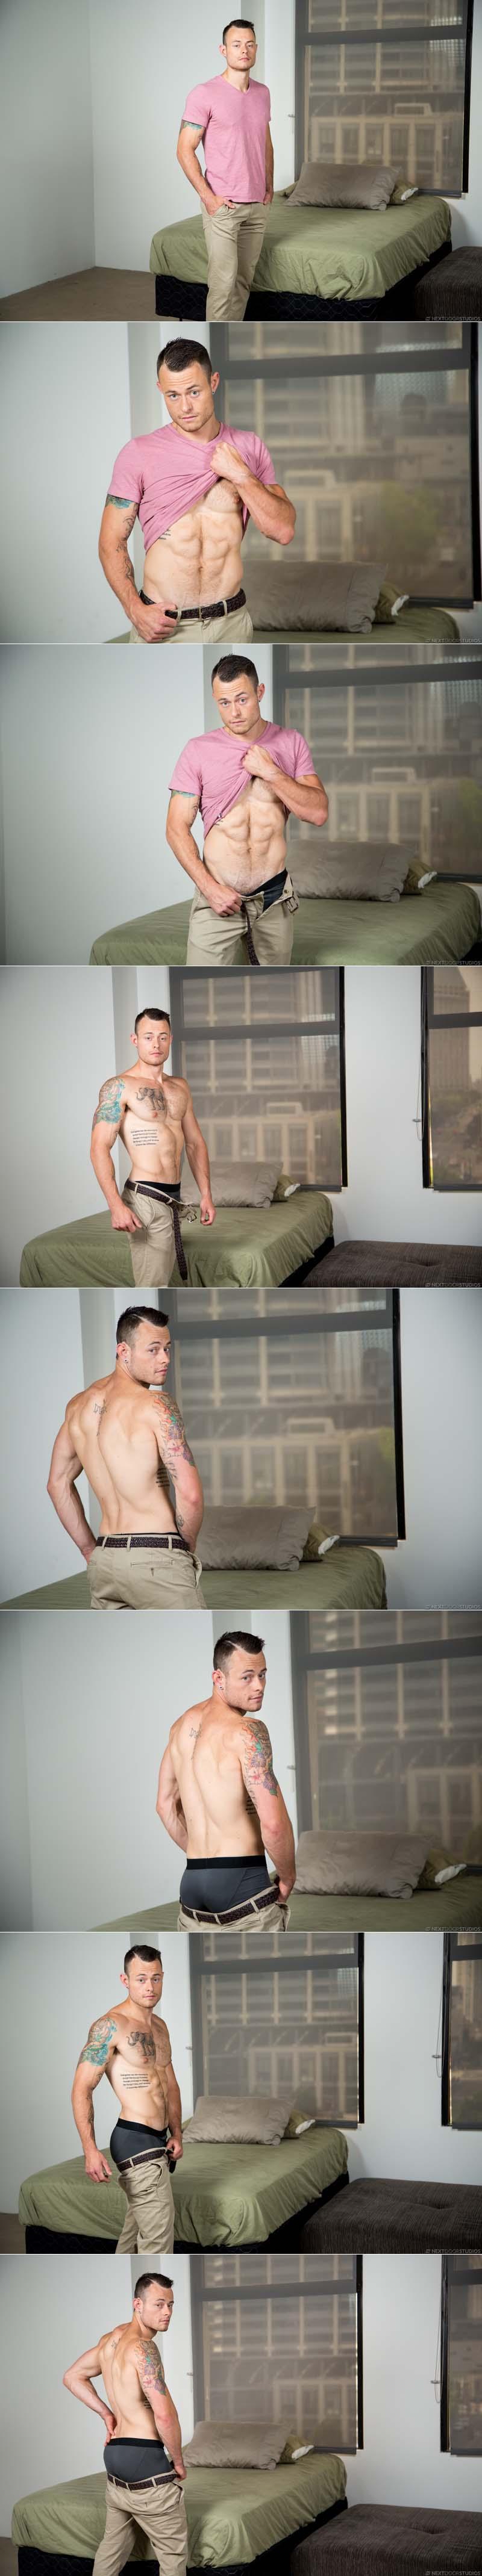 Zane Clayton at Next Door Male